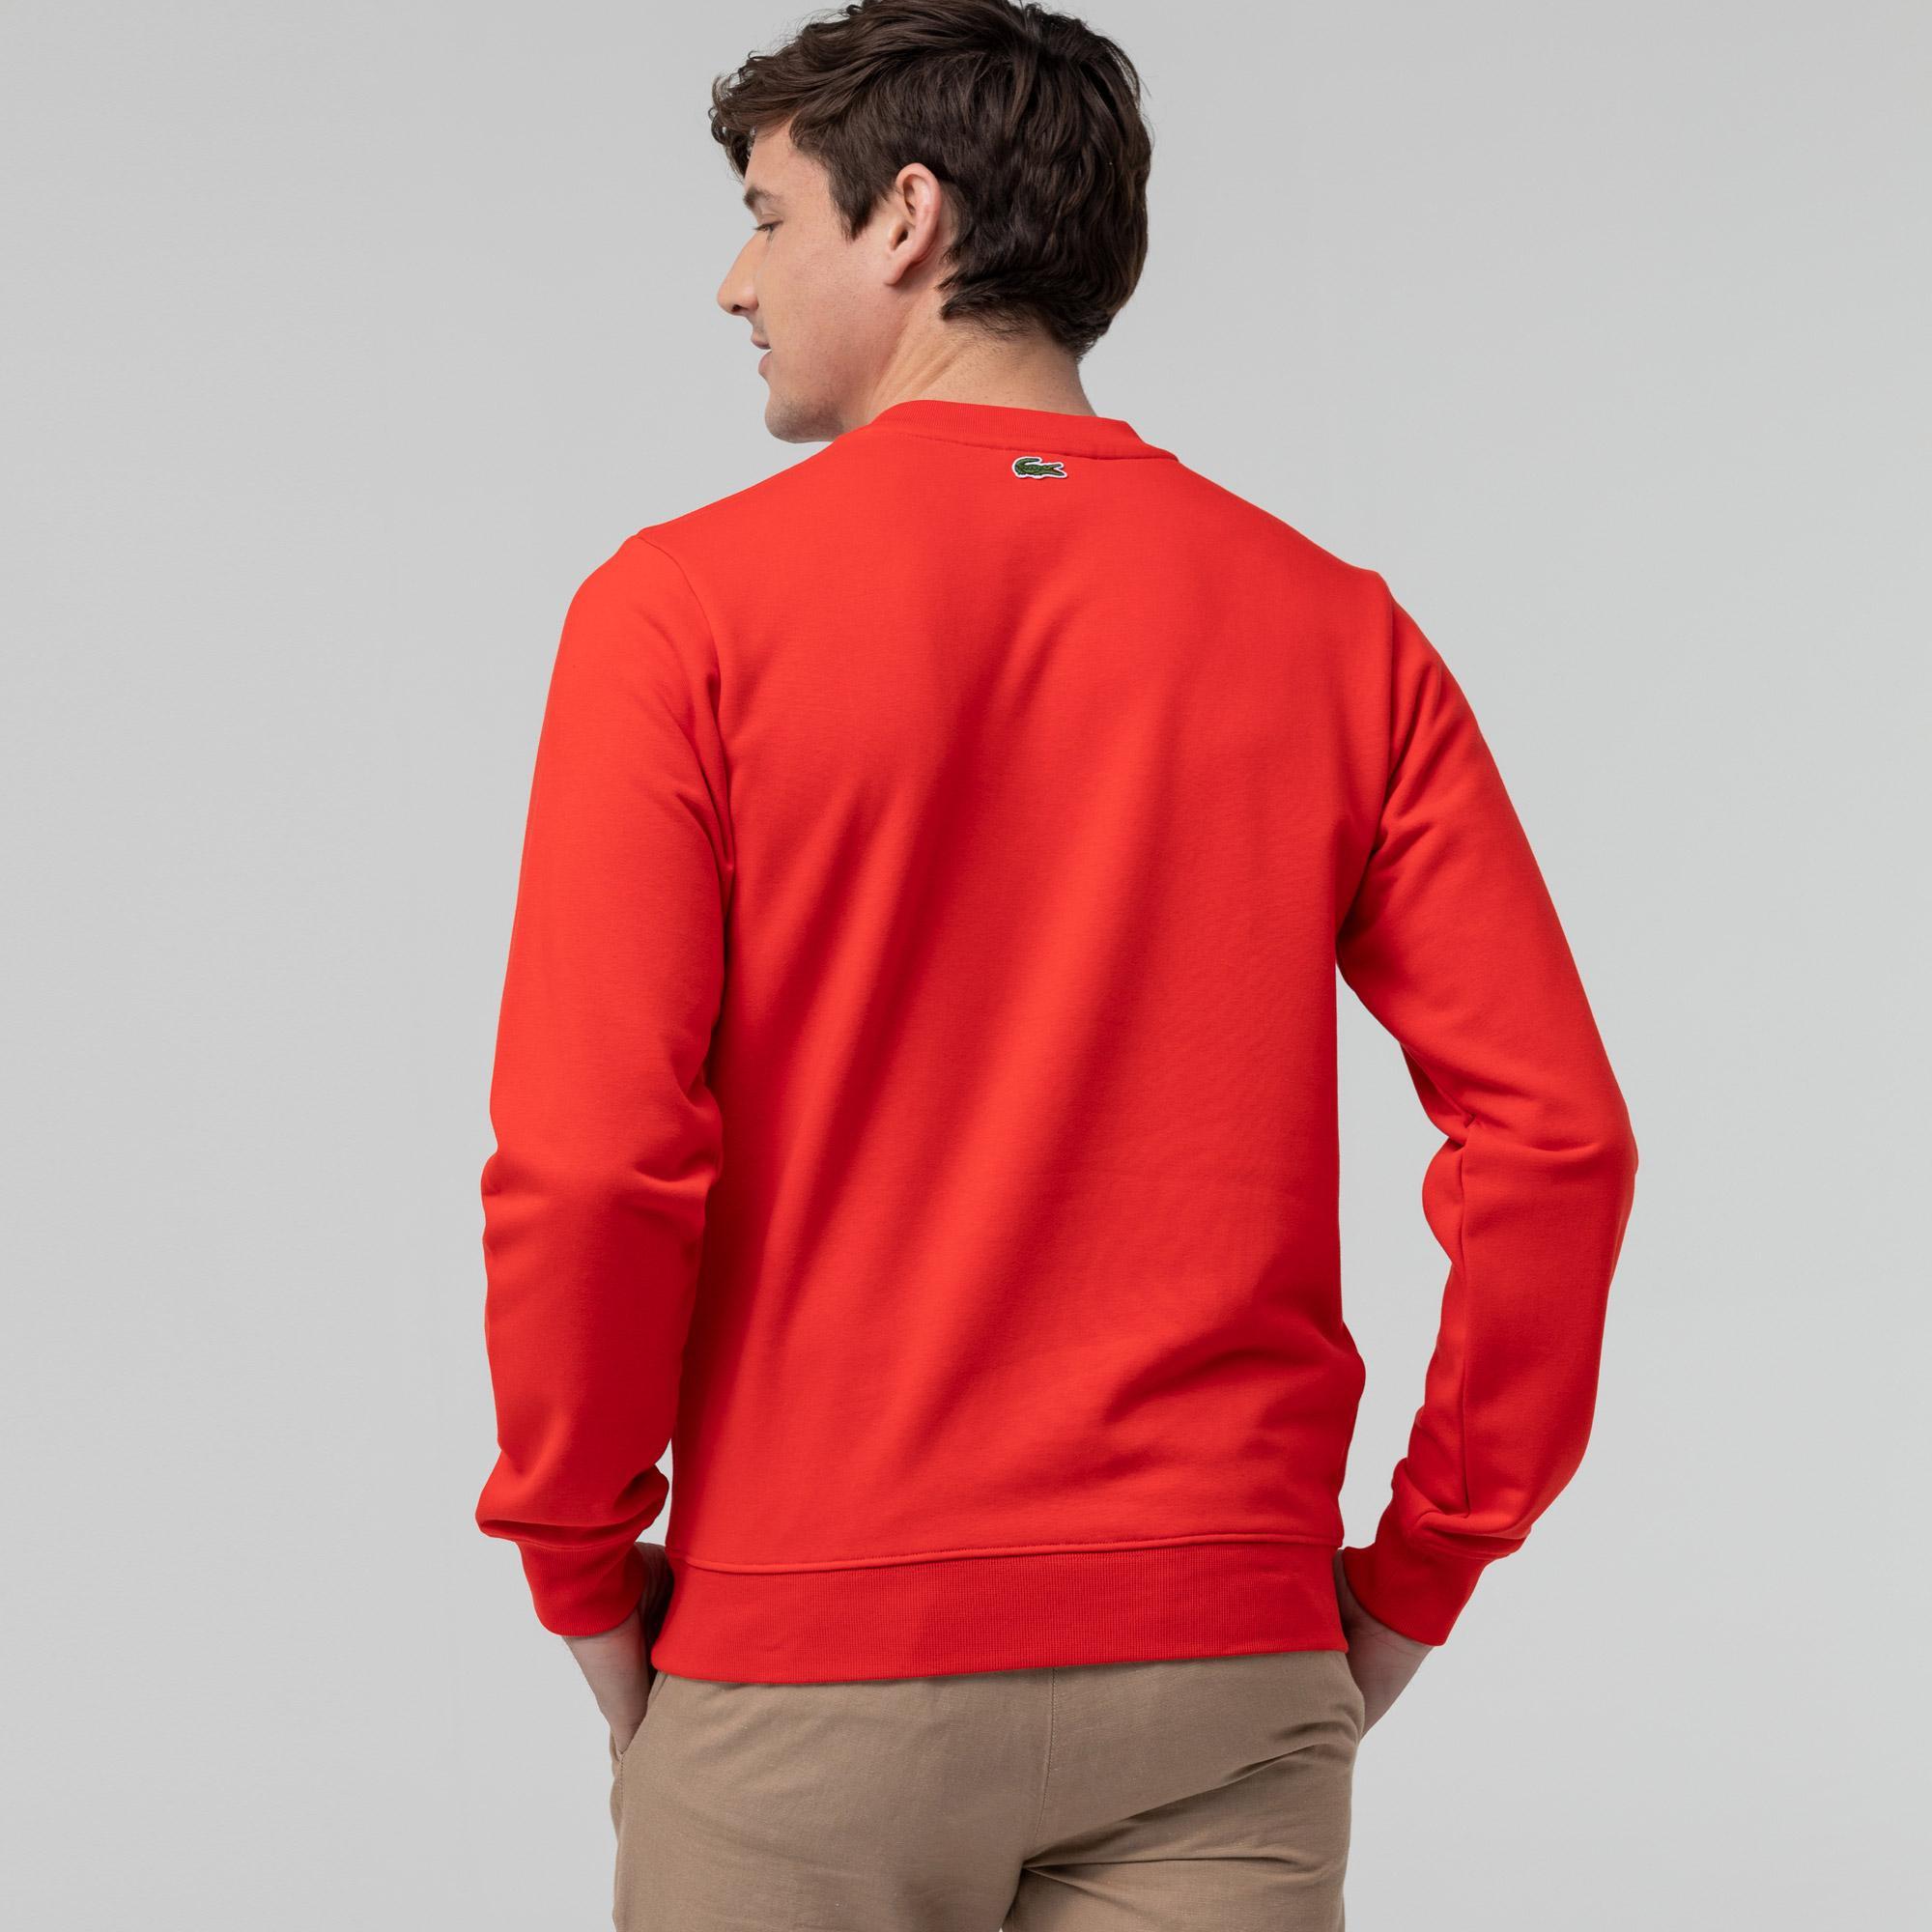 Lacoste Erkek Bisiklet Yaka Baskılı Kırmızı Sweatshirt